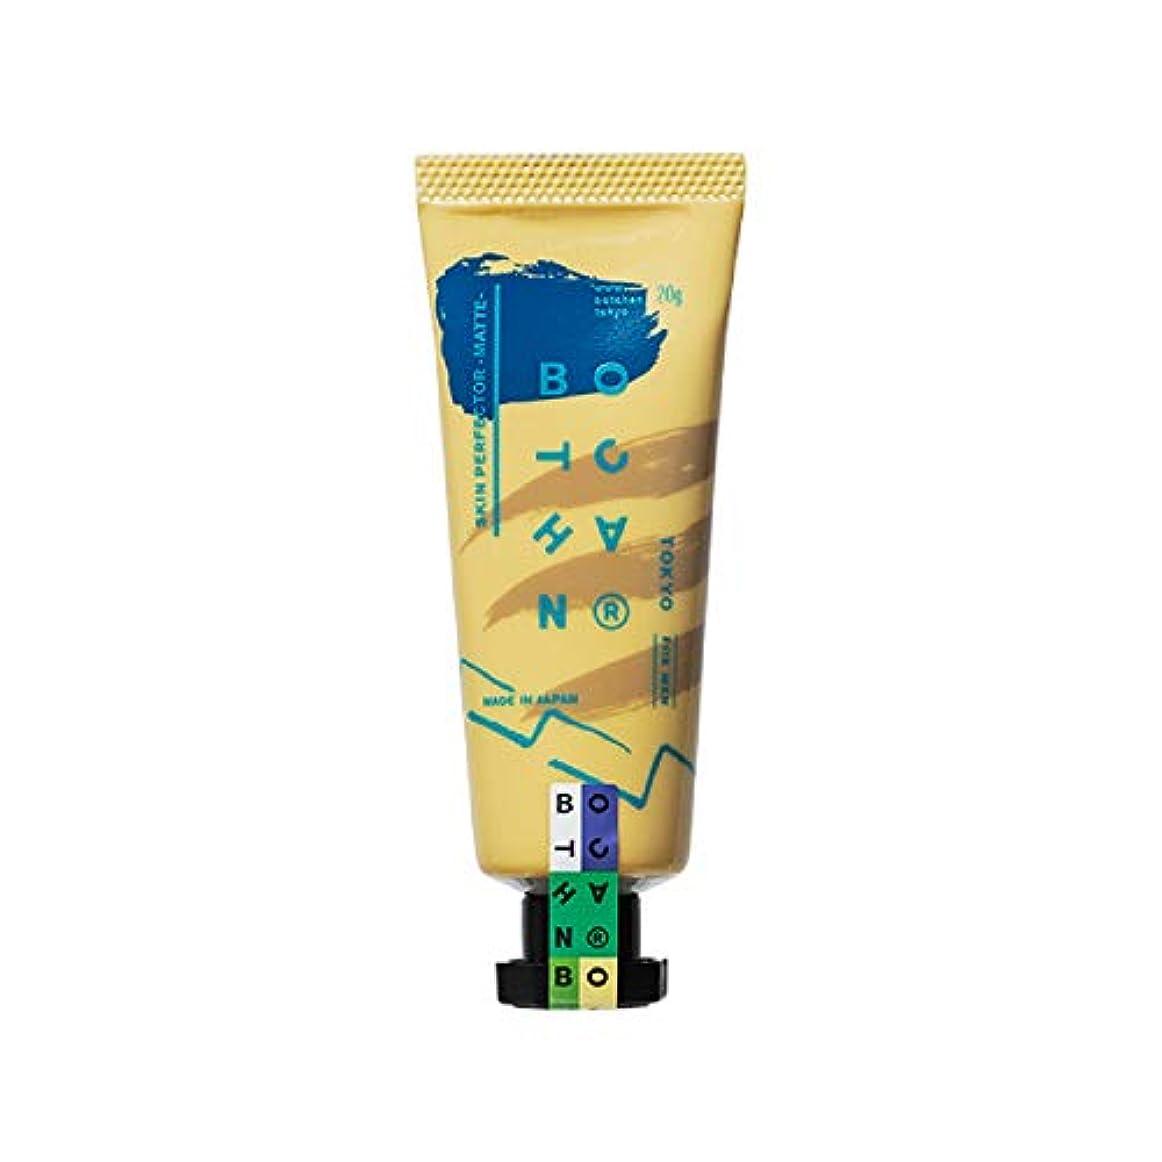 ストローク有毒なさわやかボッチャン スキンパーフェクター マット メンズ肌補正クリーム20g BOTCHAN SKIN PERFECTOR MATTE